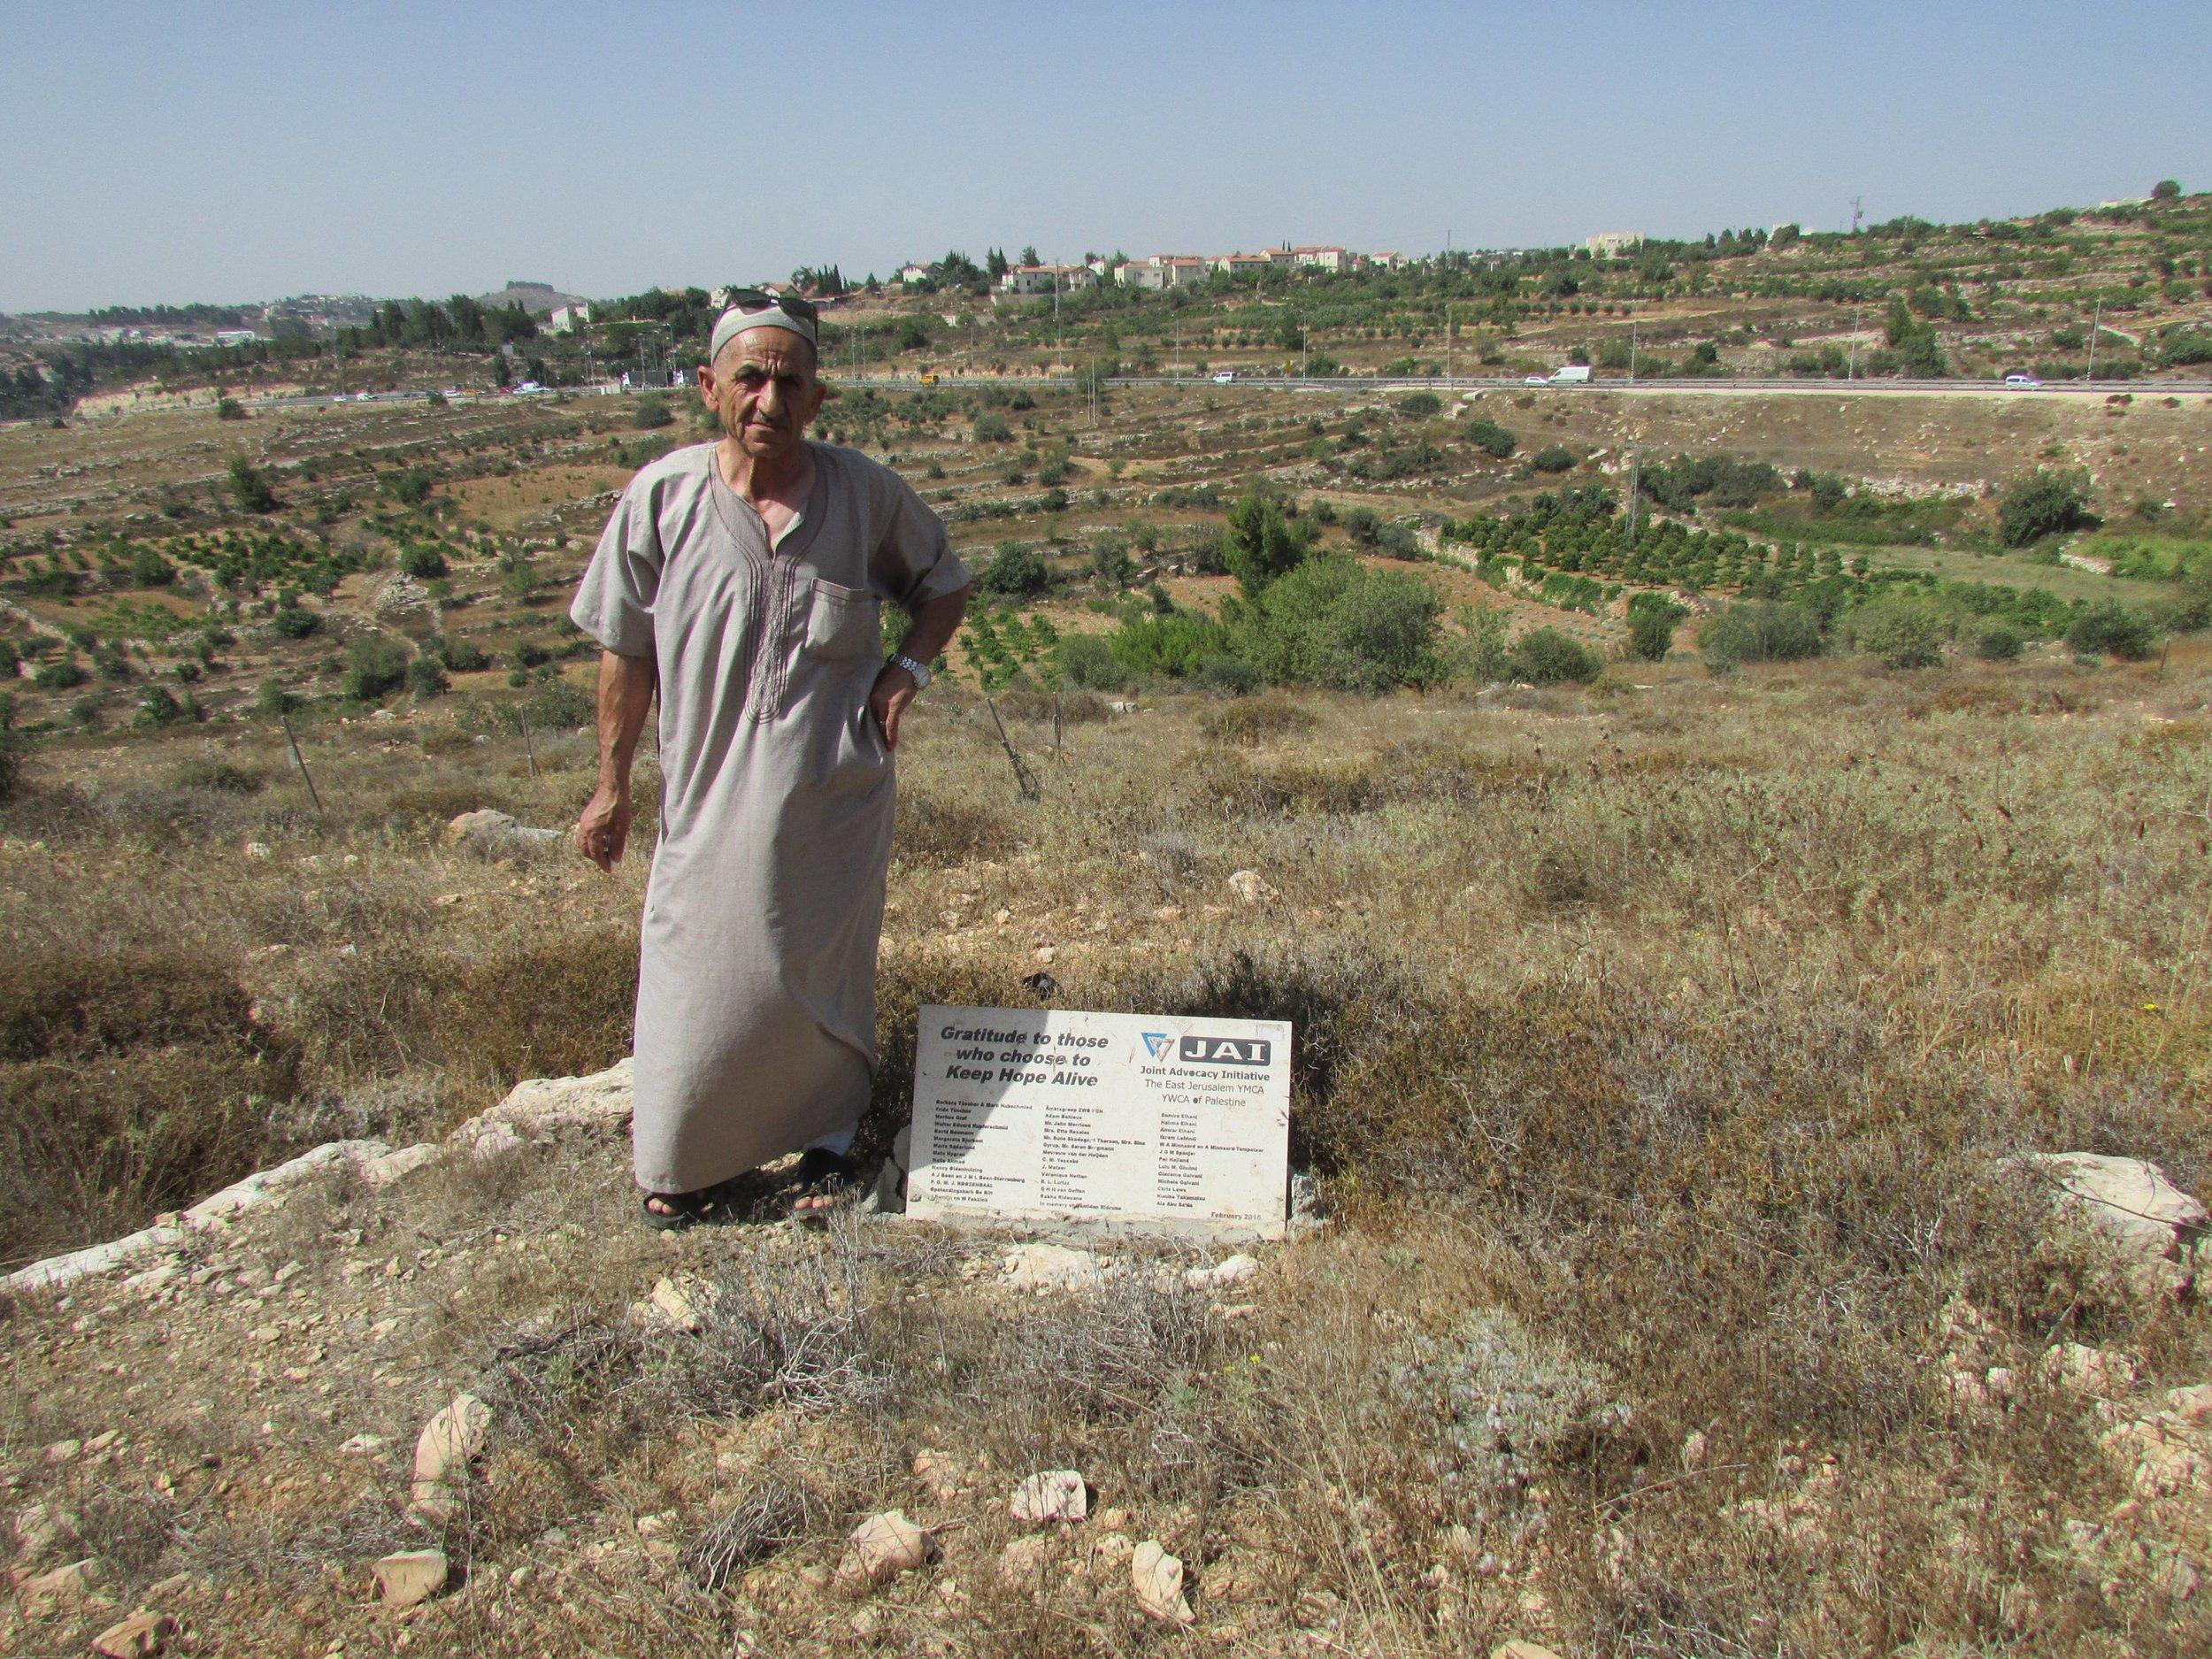 Hasan Mohmad Sbeih naast de plaquette met de namen van sponsoren